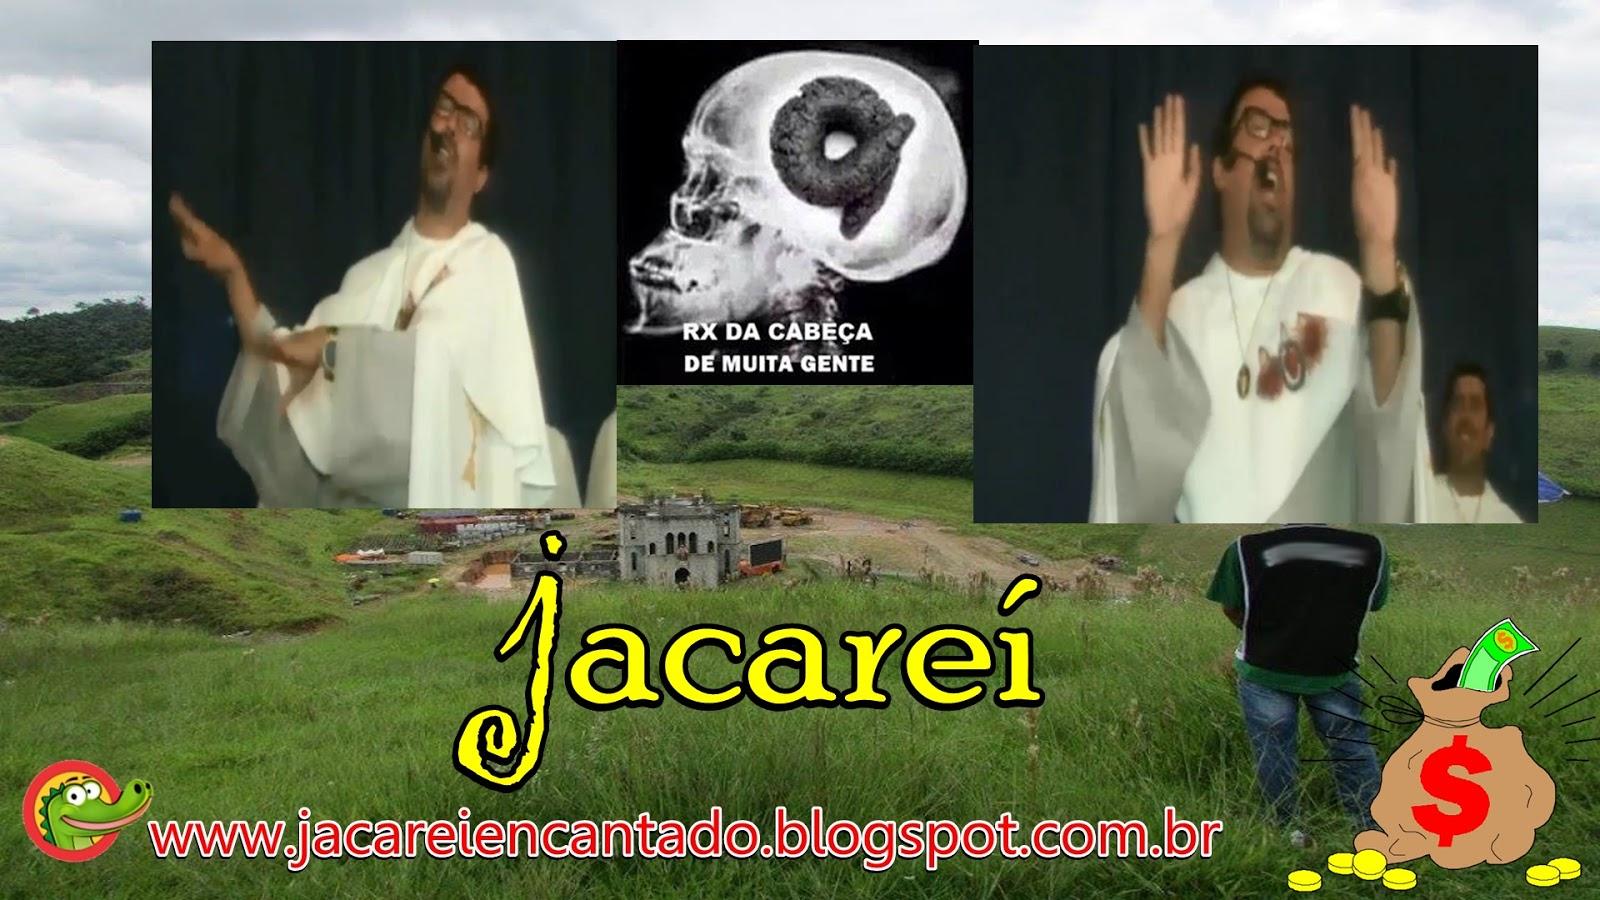 blog oficial .vidente, sinal, photoshop Santuário das Aparições de Jacareí SP. são falsas. são verdadeiras, farsa,